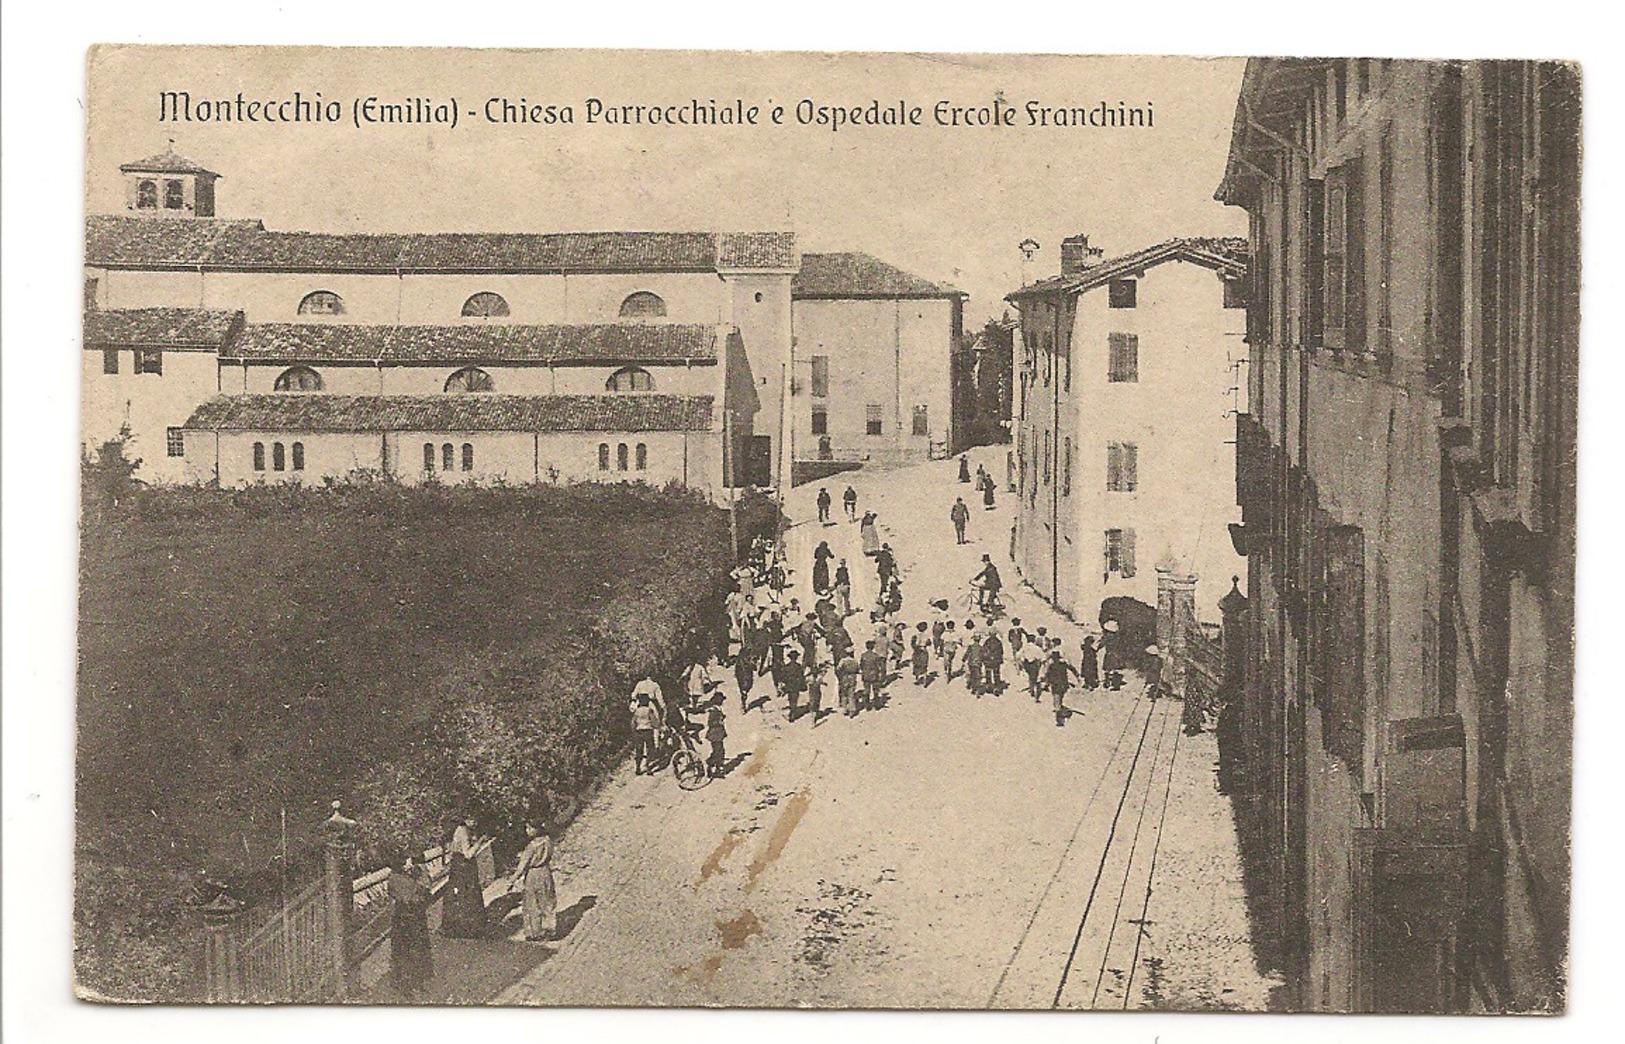 MONTECCHIO (EMILIA) - CHIESA PARROCCHIALE E OSPEDALE ERCOLE FRANCHINI - Terni